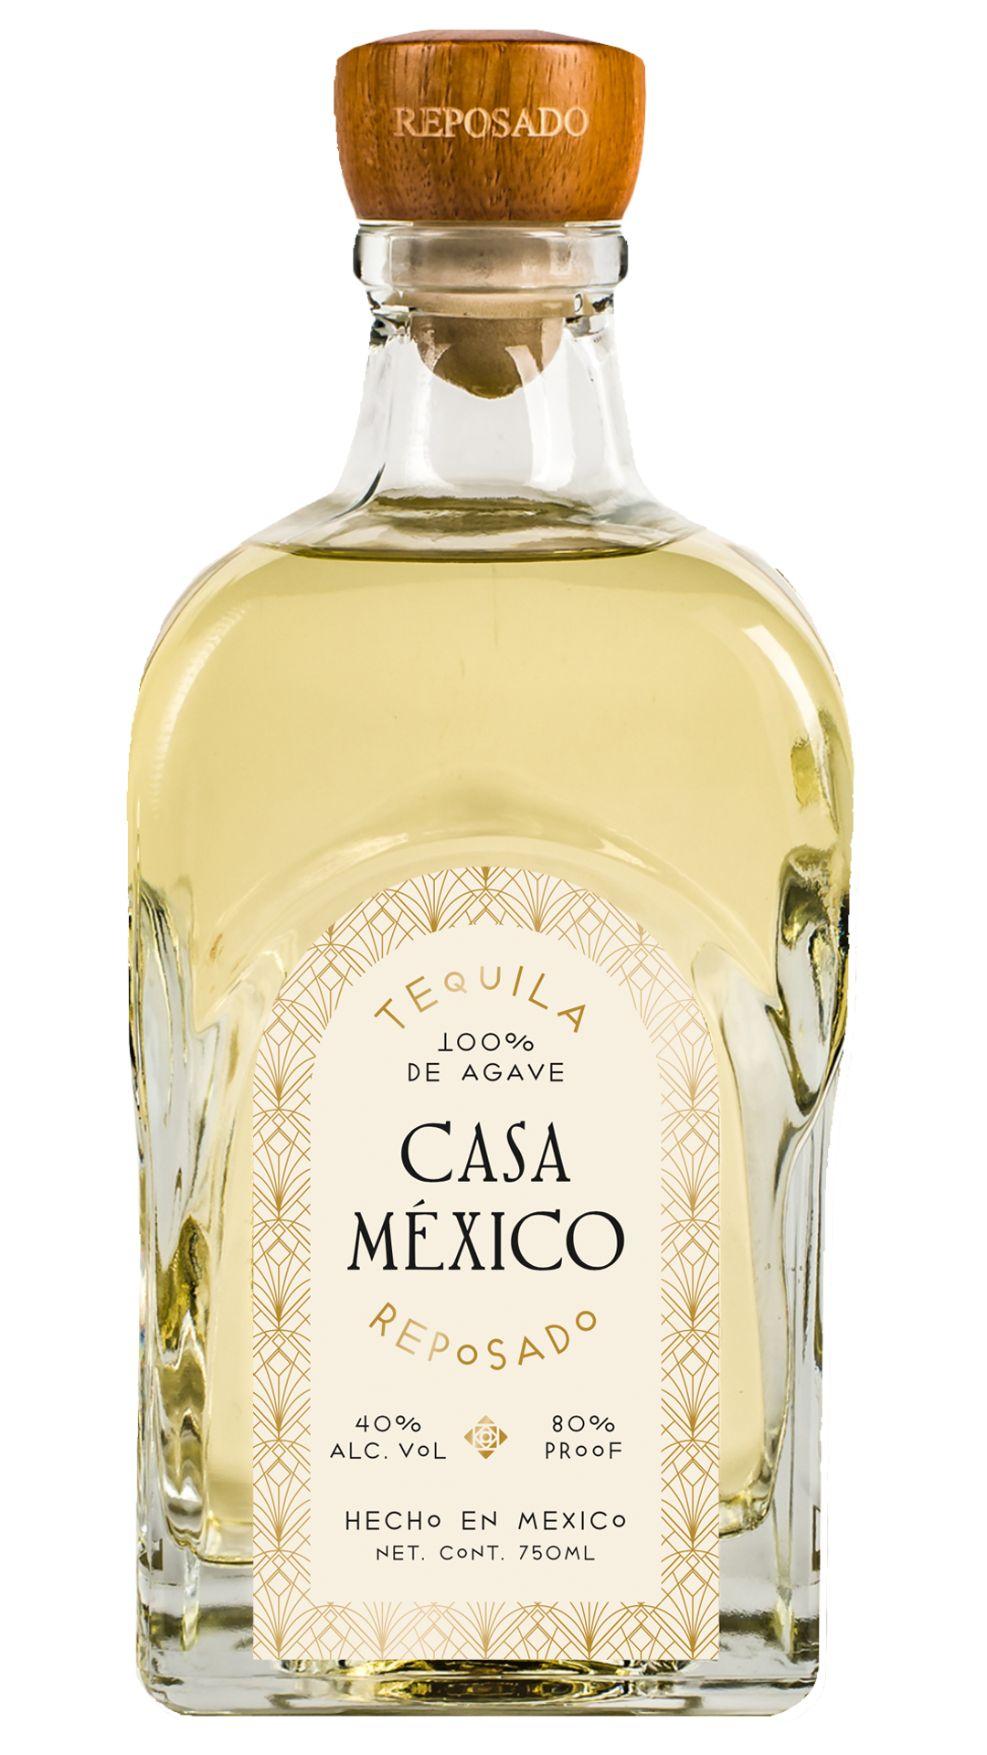 Reposado Casa Mexico